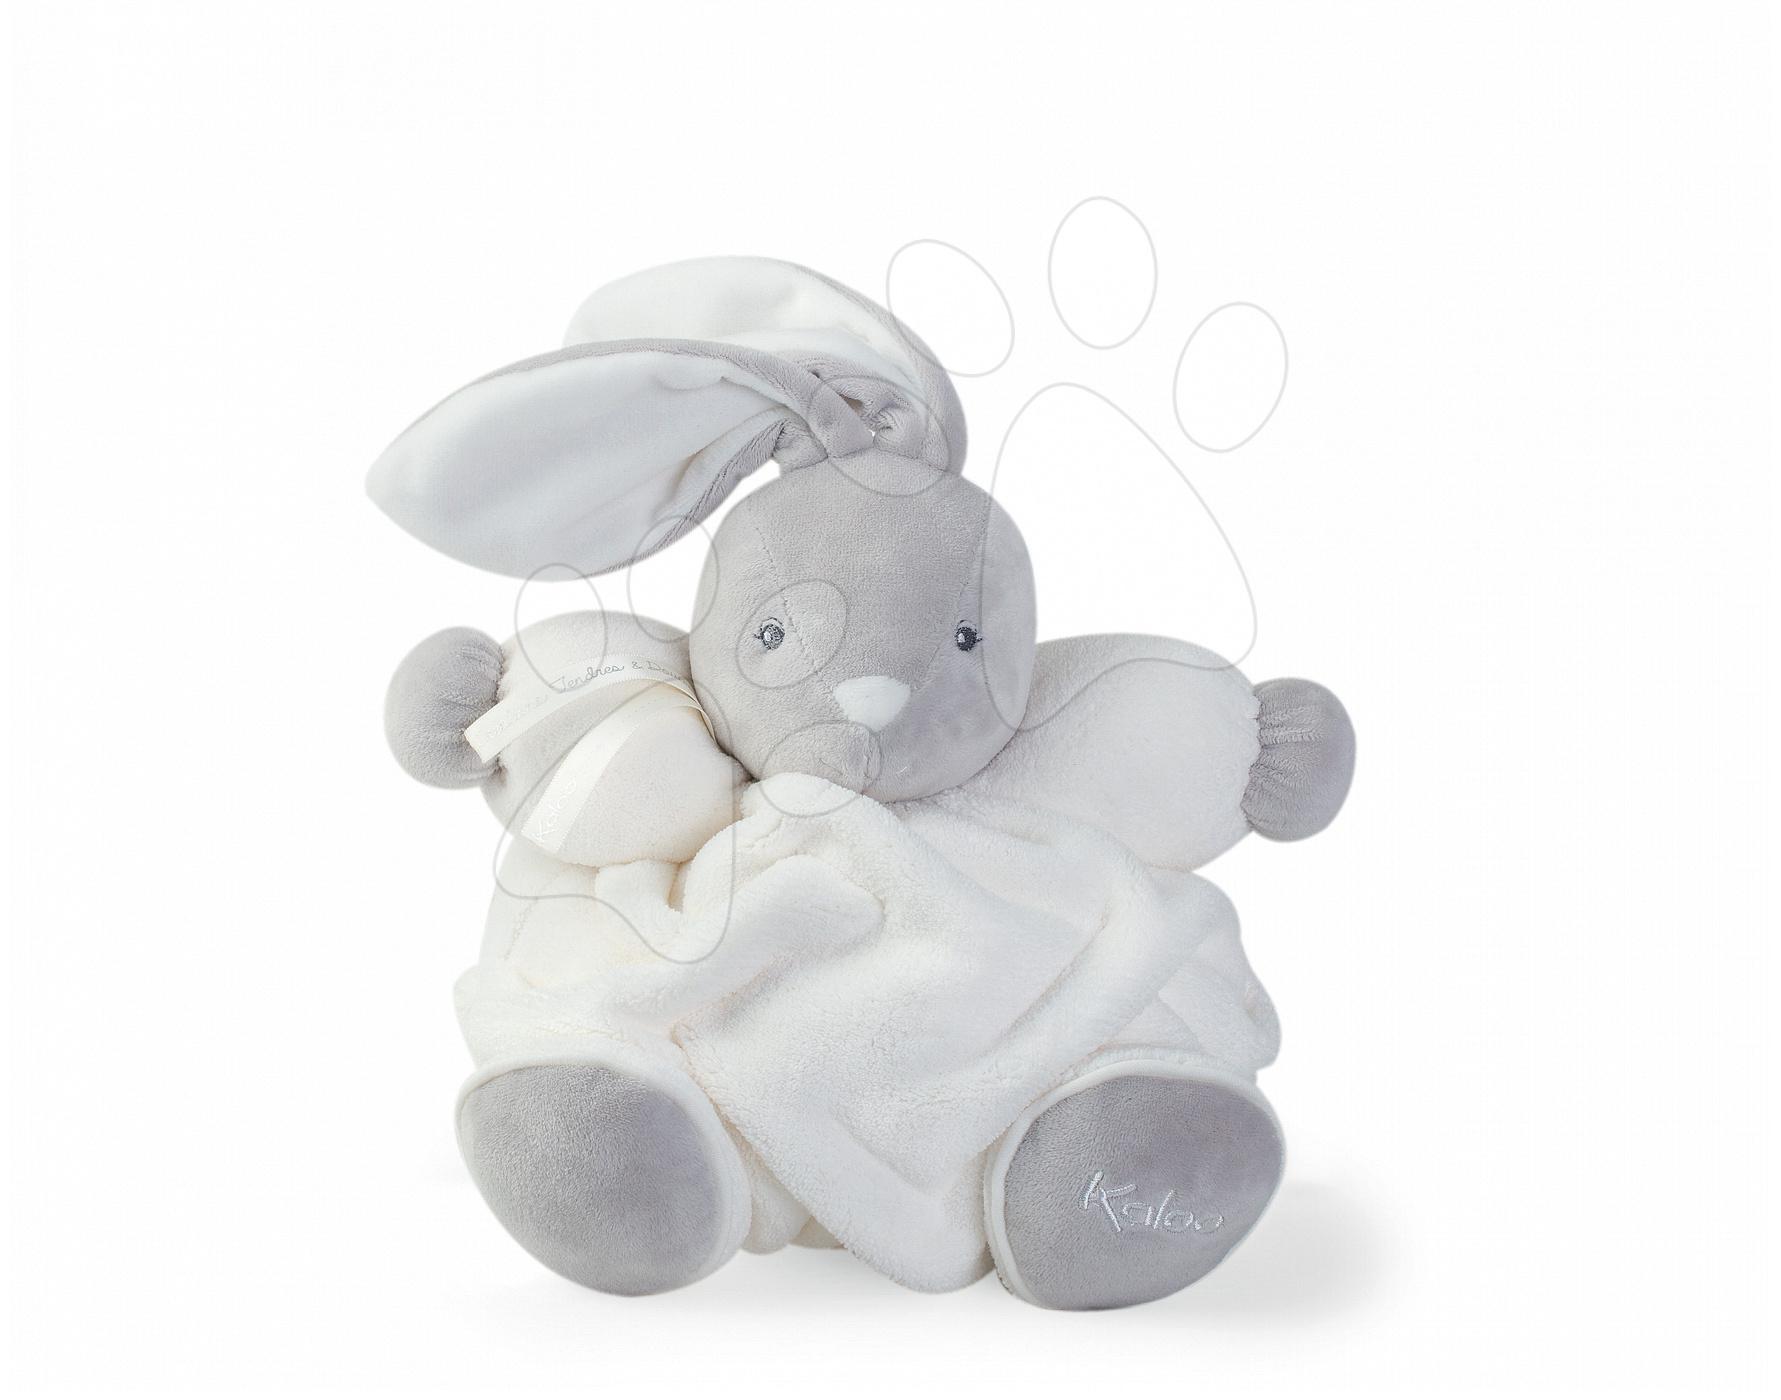 Plyšový zajačik Plume Chubby Kaloo 25 cm v darčekovom balení pre najmenšie deti krémový